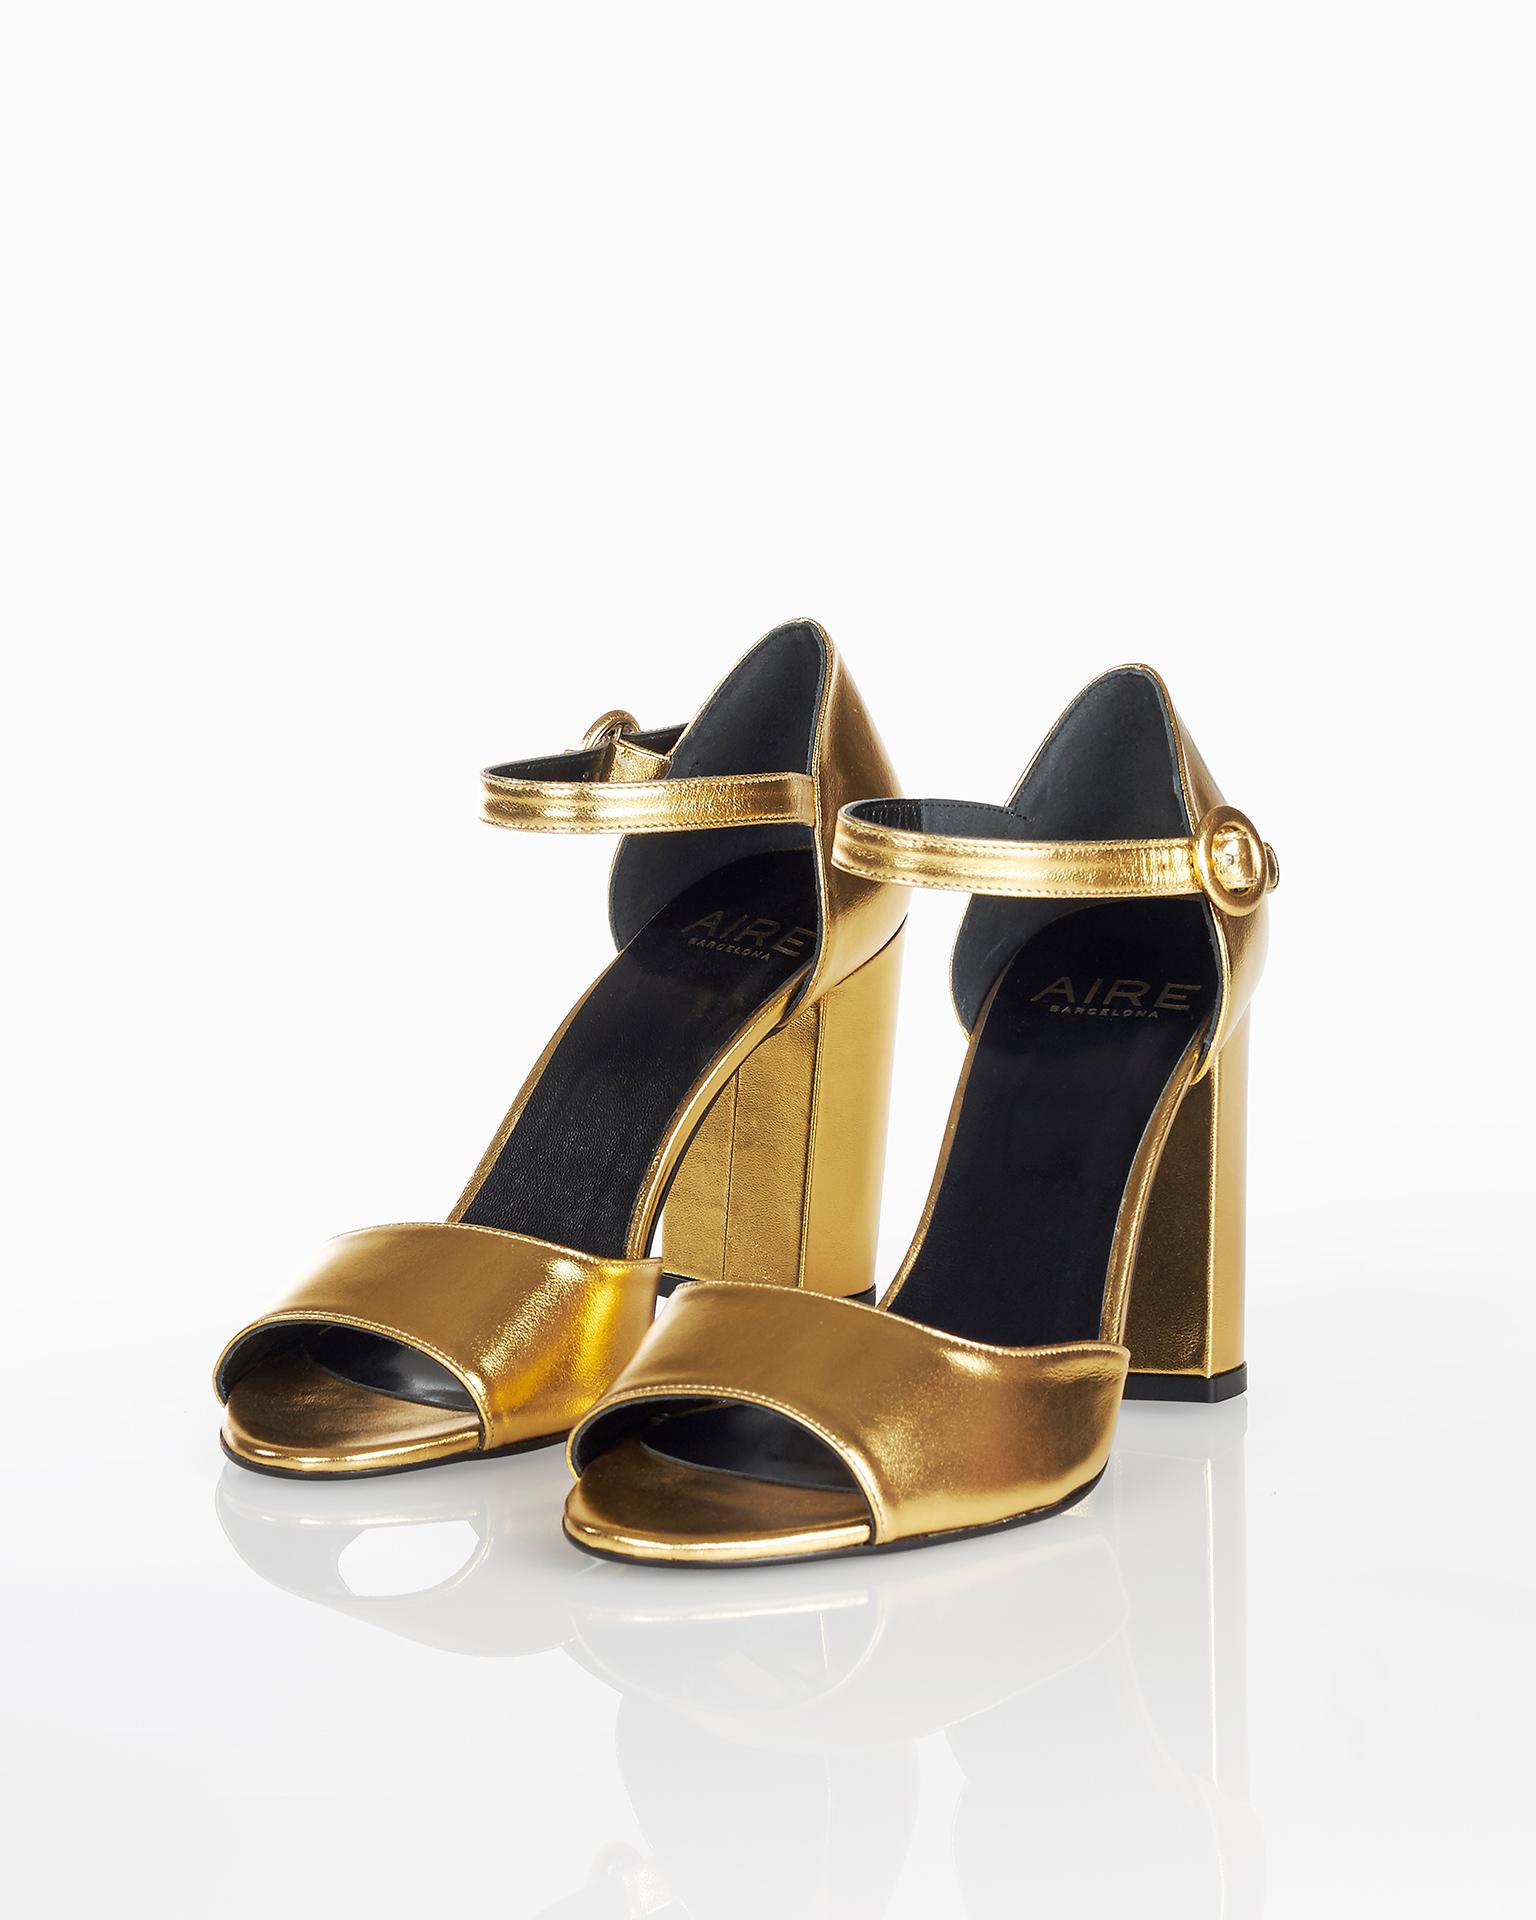 封闭式中跟皮革鸡尾酒会凉鞋,有土黄色和金色可选。 FIESTA AIRE BARCELONA 新品系列 2018.